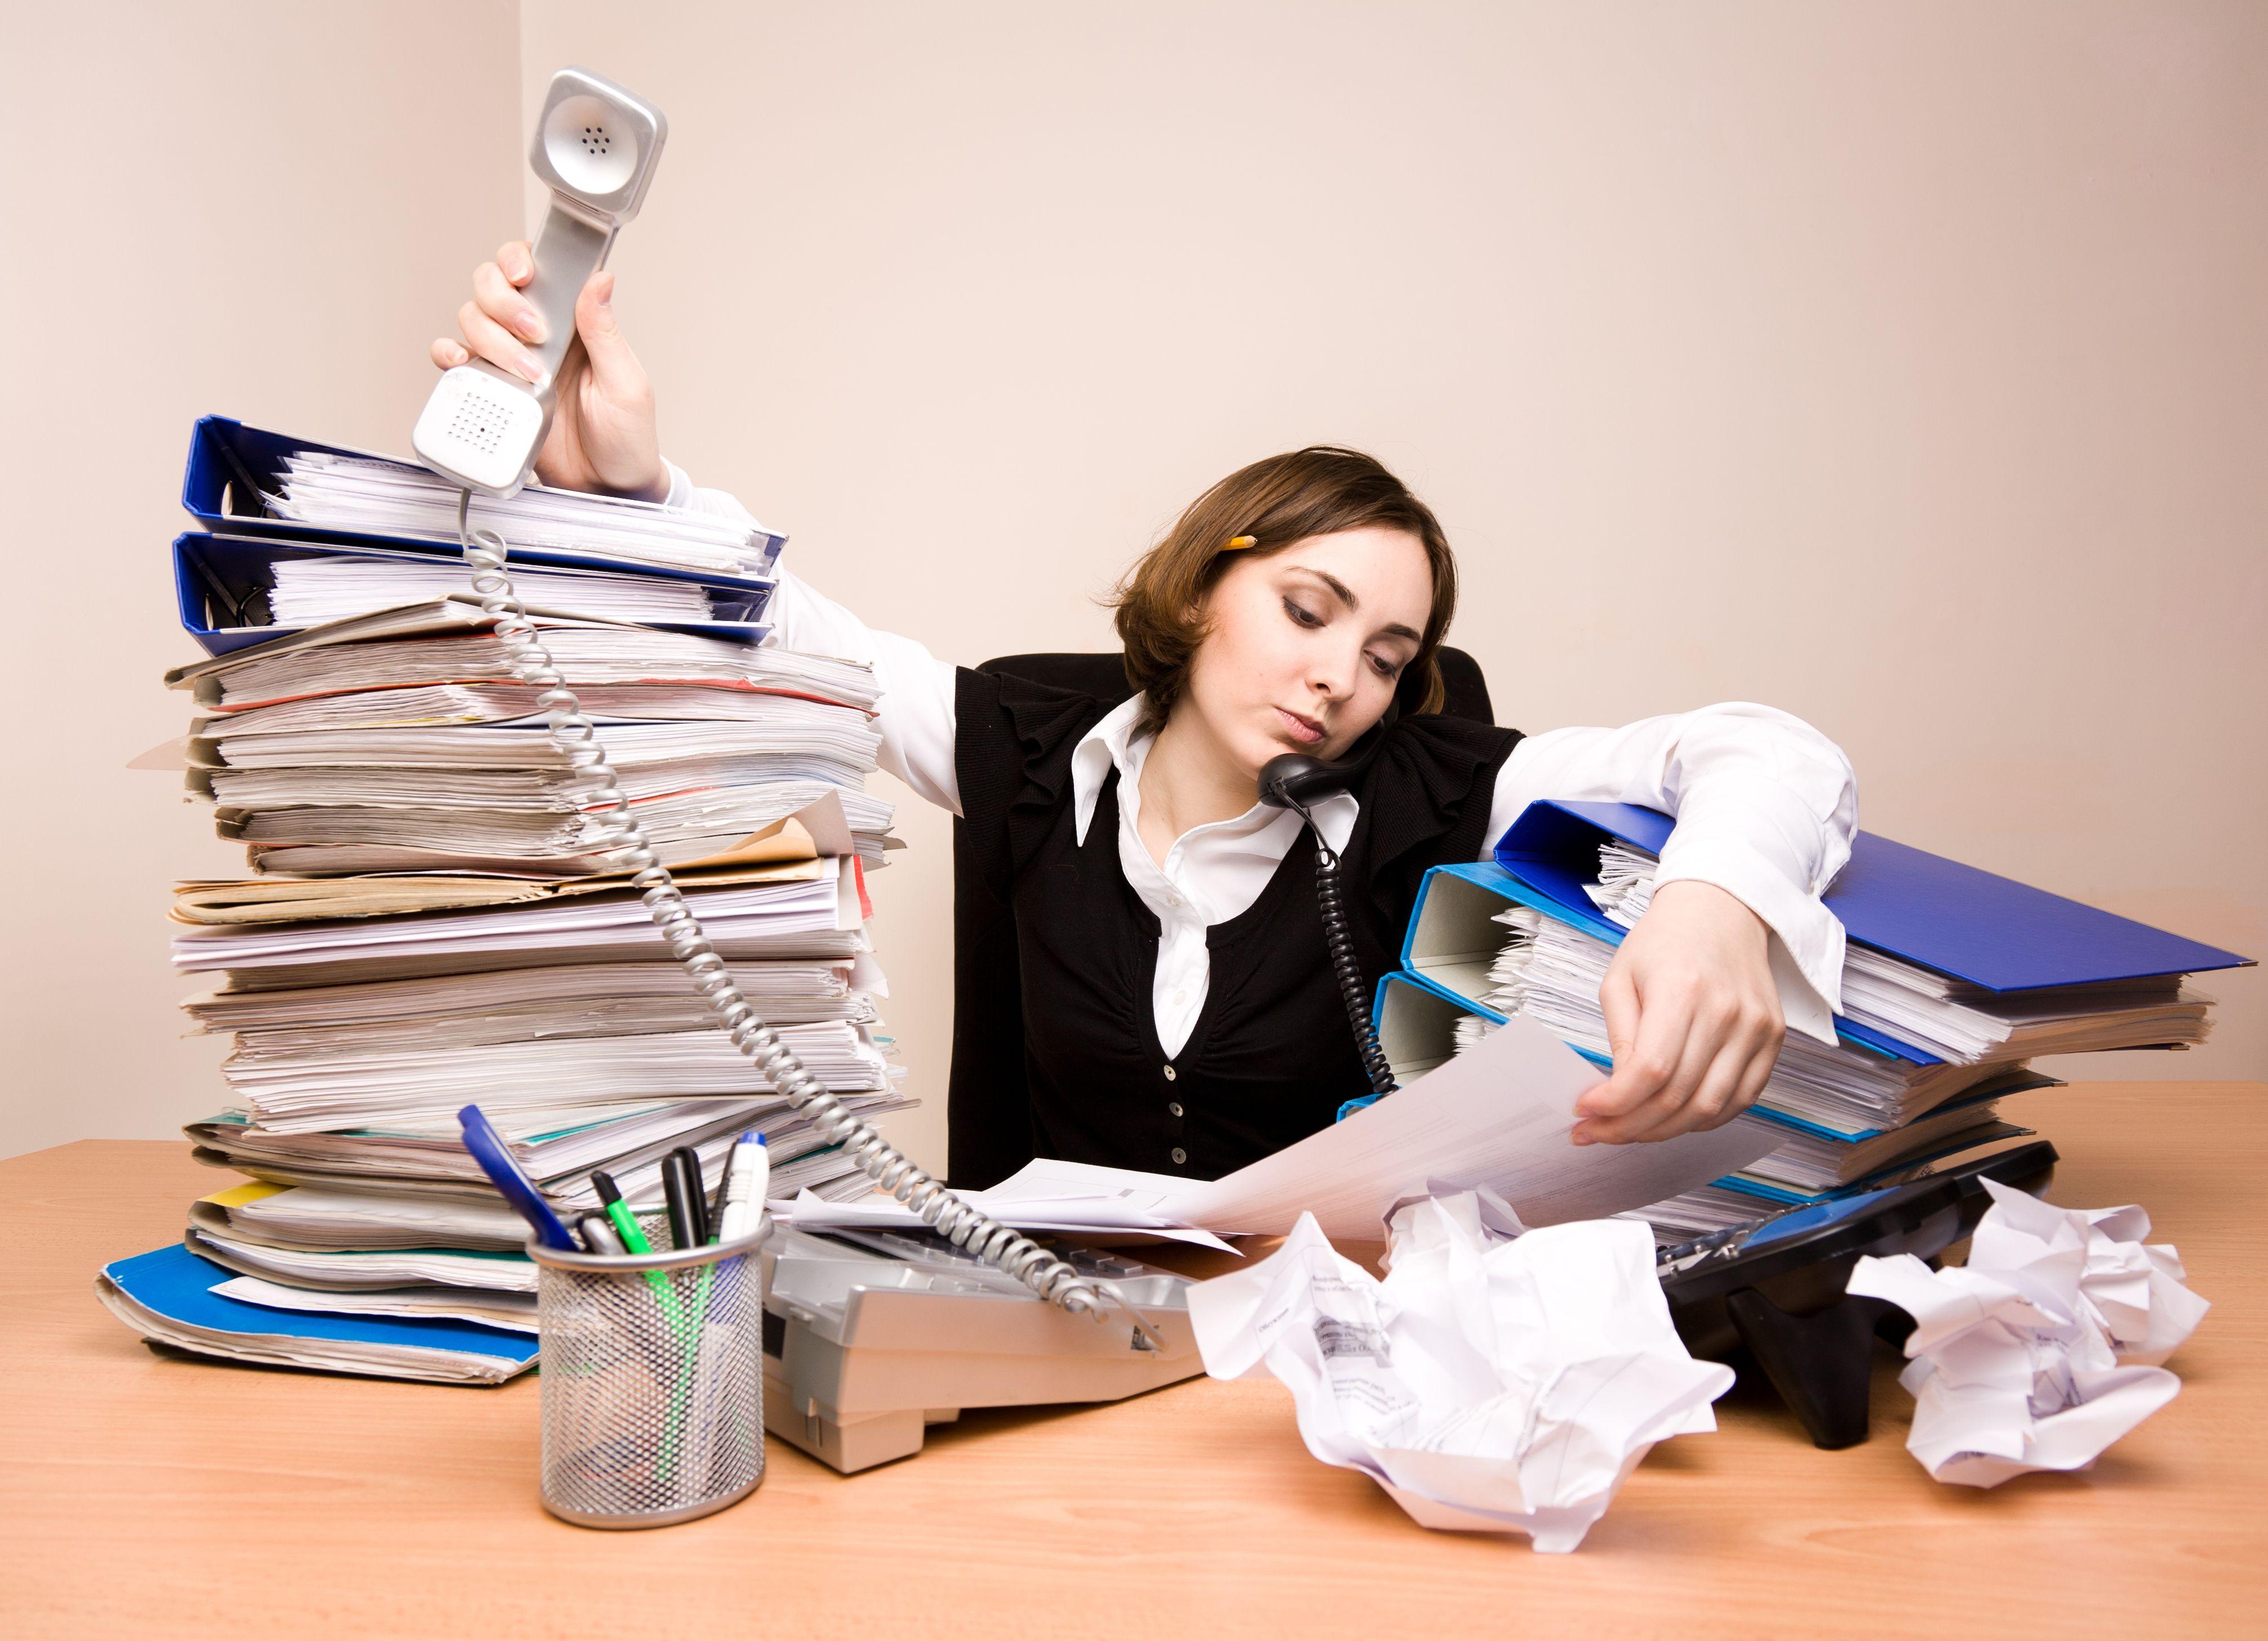 Iată care sunt cele mai frecvente greșeli de comportament pe care le poți face la locul de muncă și care îți pun o etichetă negativă >> https://issuu.com/performance-rau/docs/nr-51-apr-2016/22  PS: BRD, Bitdefender, Ericsson și ING Bank recrutează. Află pentru ce posturi!  #jobs #career #RevistaPerformance